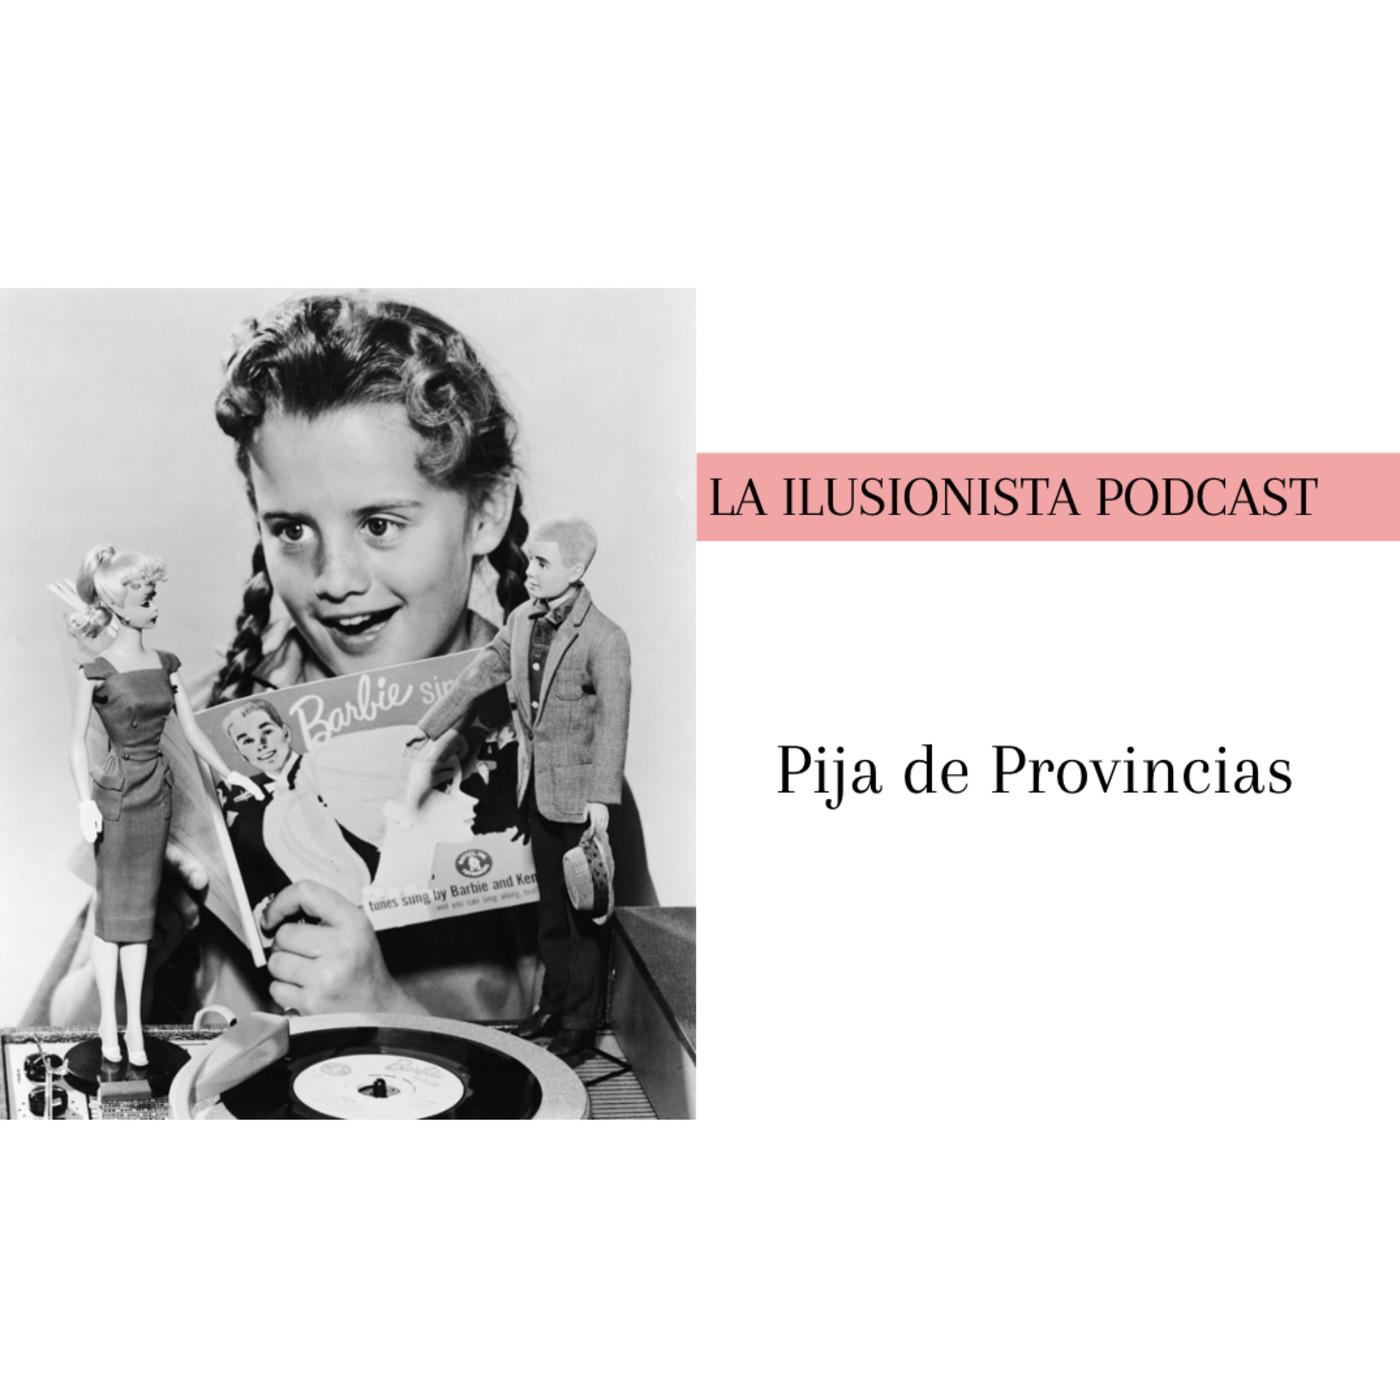 La Ilusionista desde el sótano: Pija de Provincias